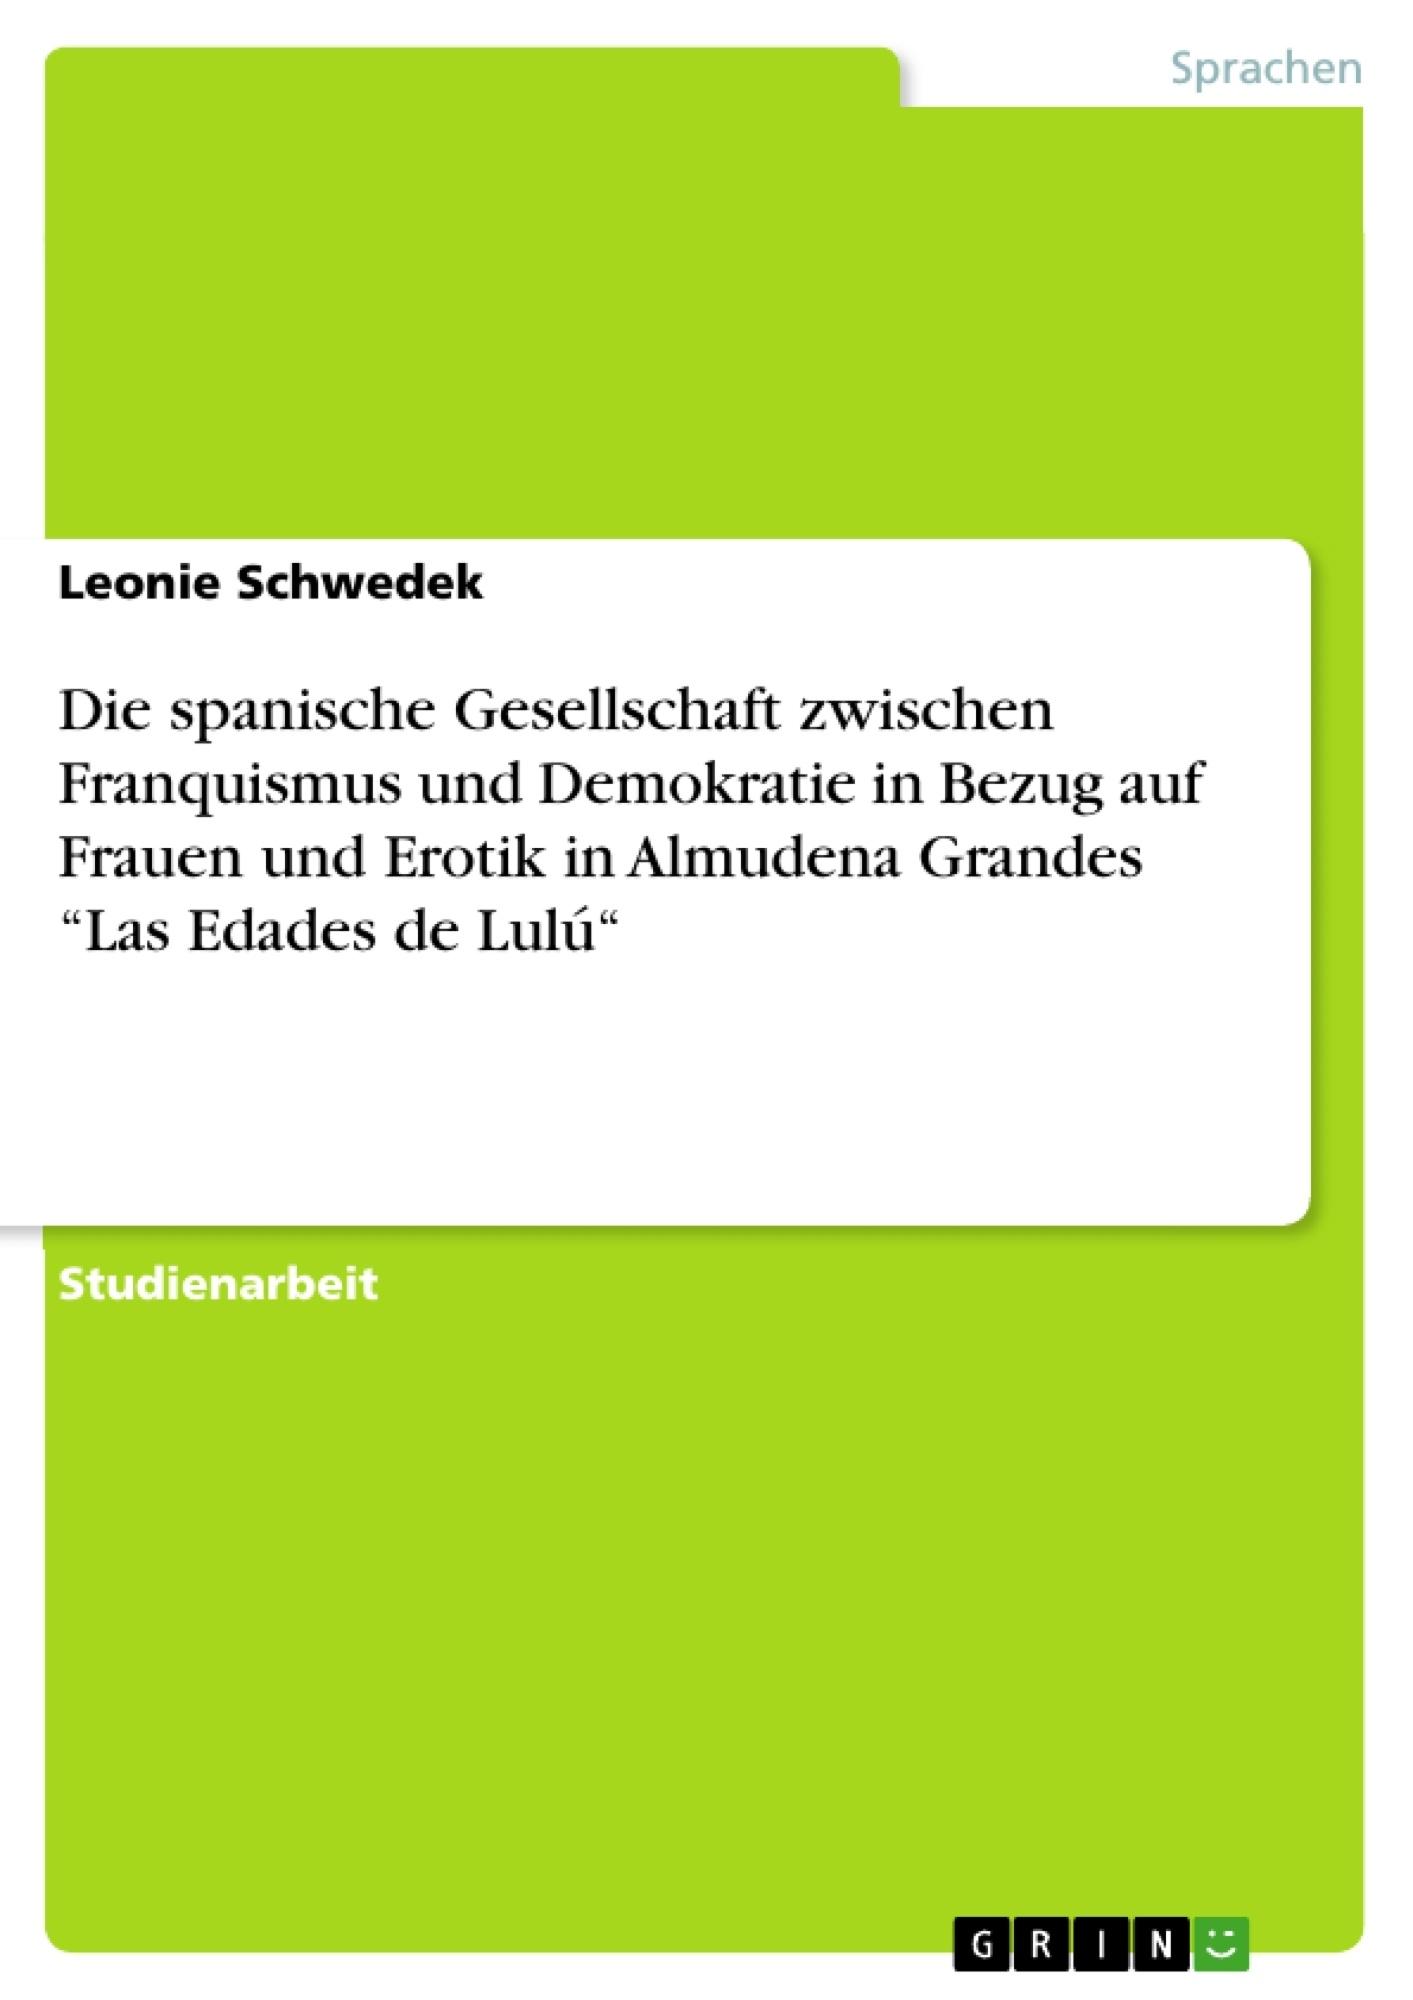 """Titel: Die spanische Gesellschaft zwischen Franquismus und Demokratie in Bezug auf Frauen und Erotik in Almudena Grandes """"Las Edades de Lulú"""""""